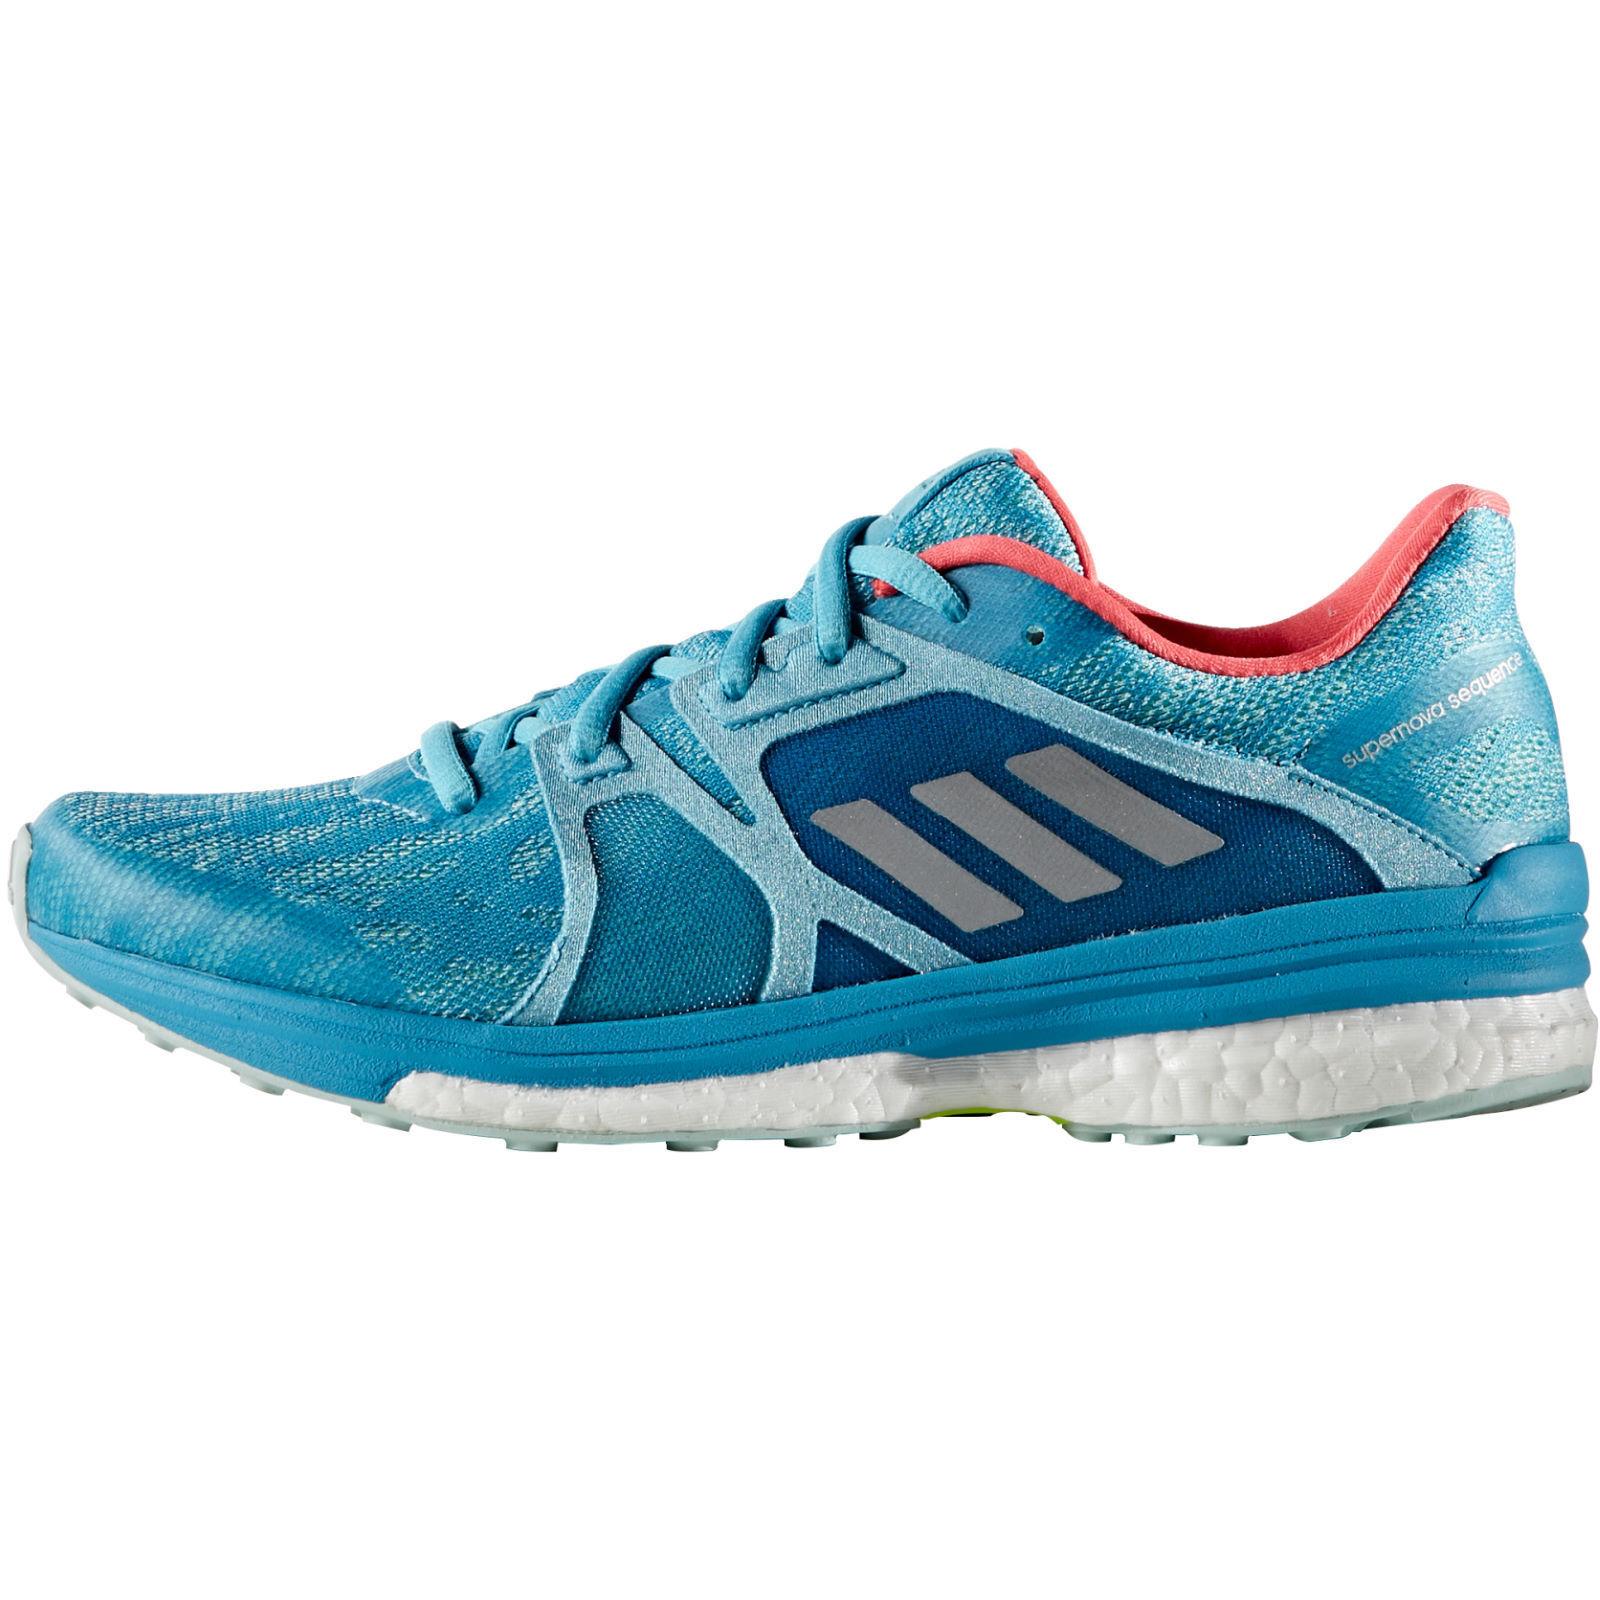 Nuove Nuove Nuove adidas supernova sequenza 9 donne scarpe da corsa aq3553 blu   sil sz 5,5 | Materiali Di Alta Qualità  | Maschio/Ragazze Scarpa  c12ab6